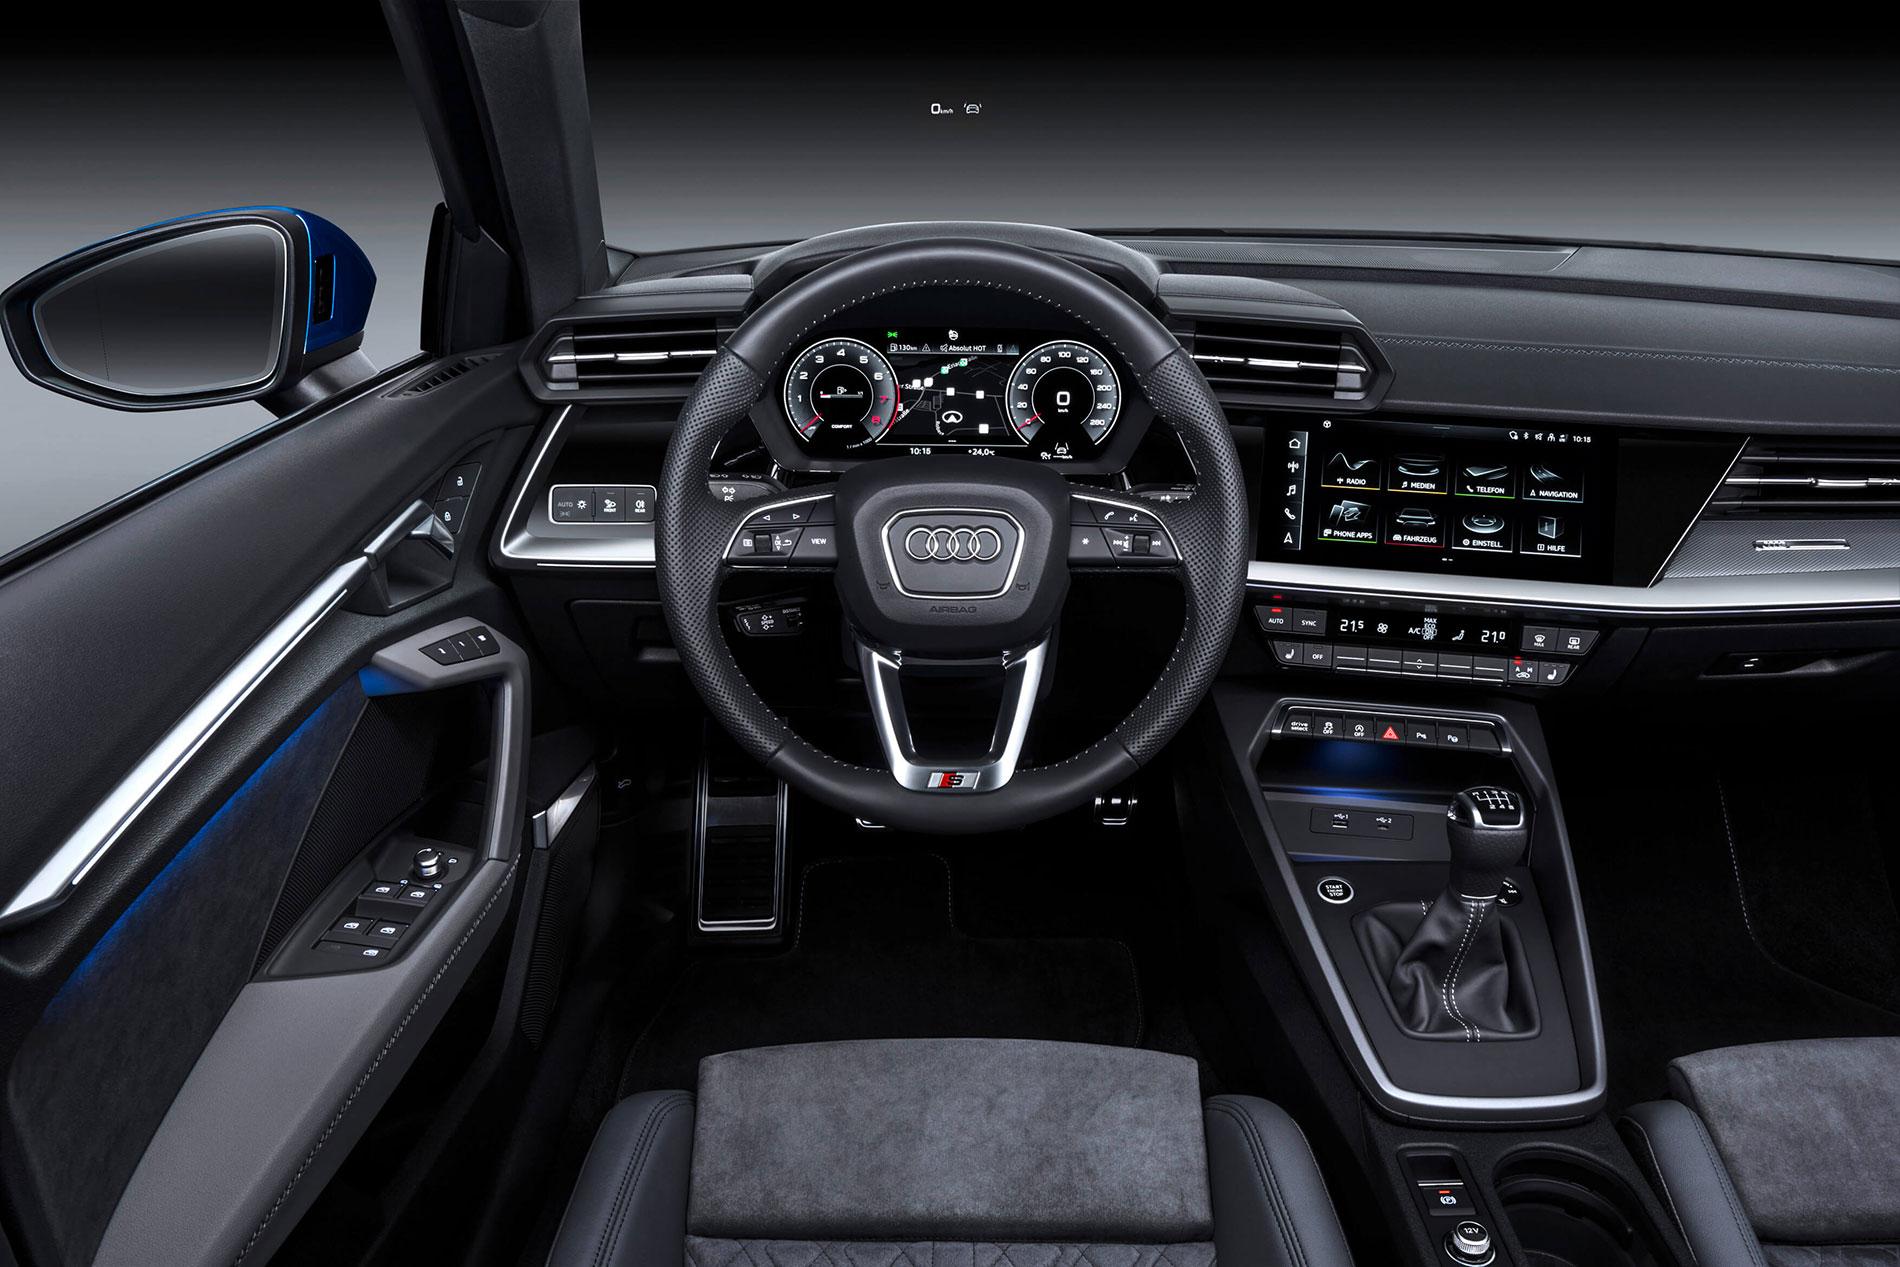 Νέο AUDI A3 Sportback - Εσωτερικό - Ψηφιοποιημένα χειριστήρια και οθόνες